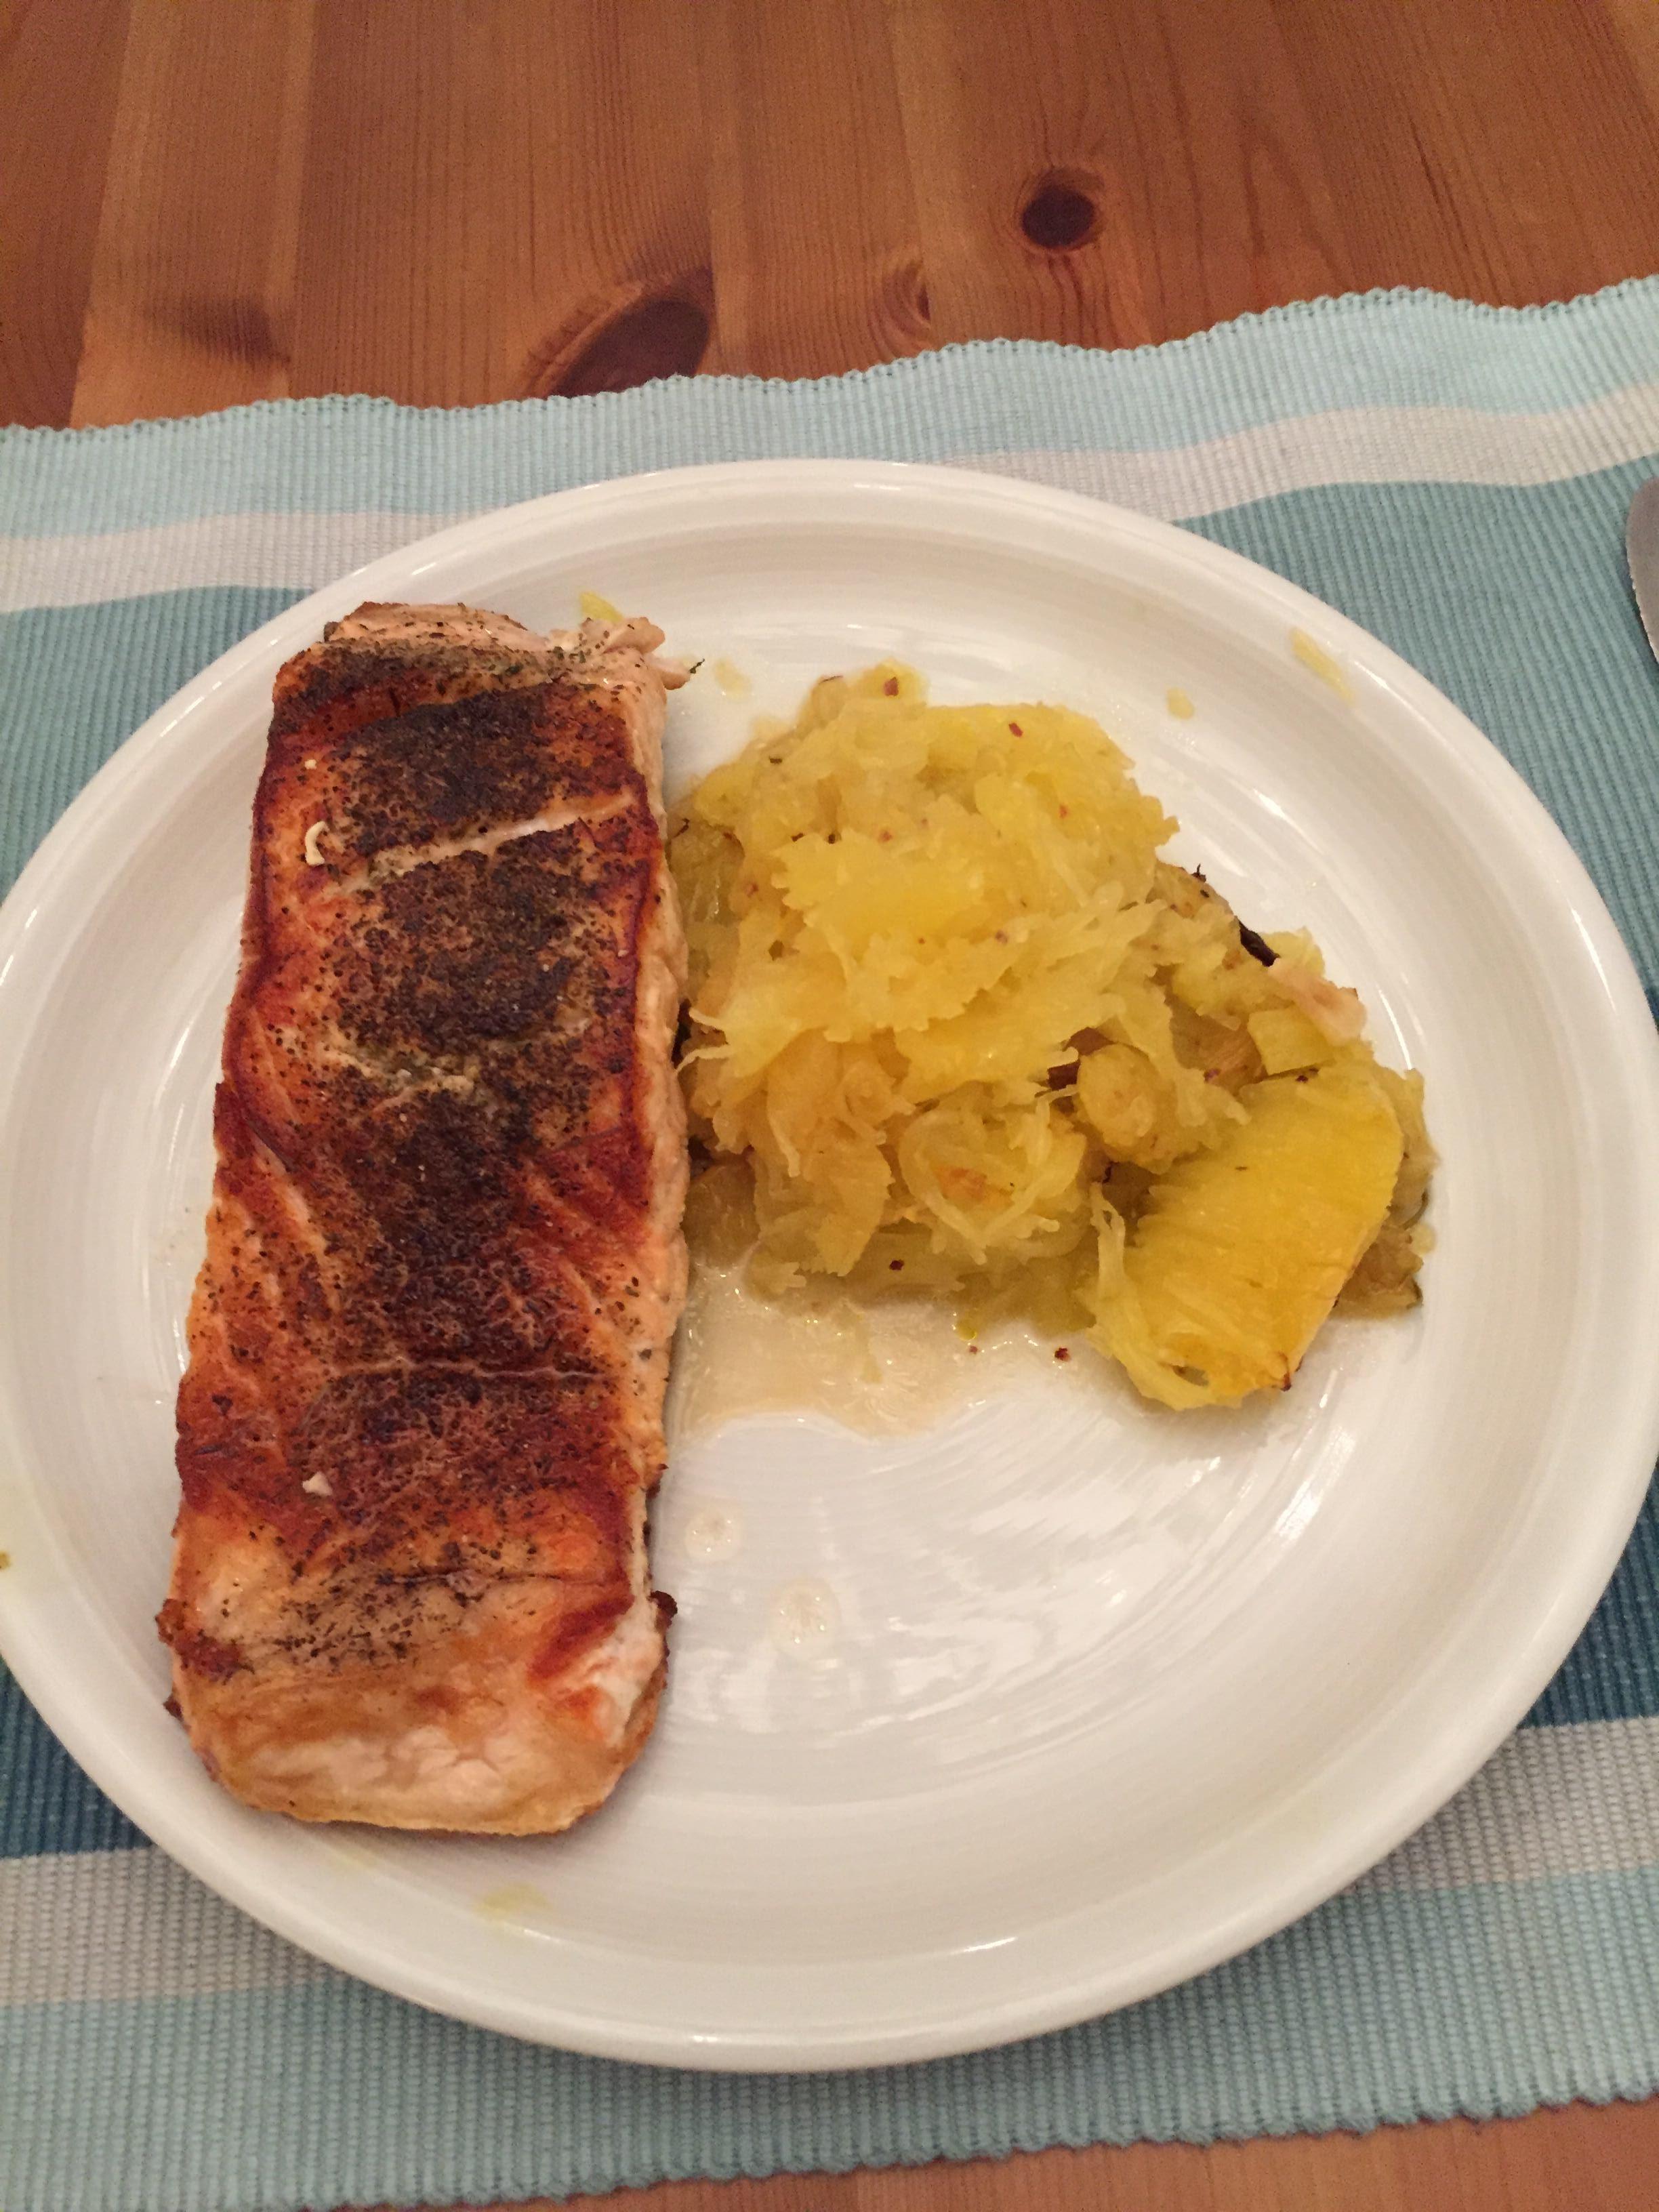 Fisch und Frucht – eine irre Kombination von Lachsfilet und Spaghettikürbis